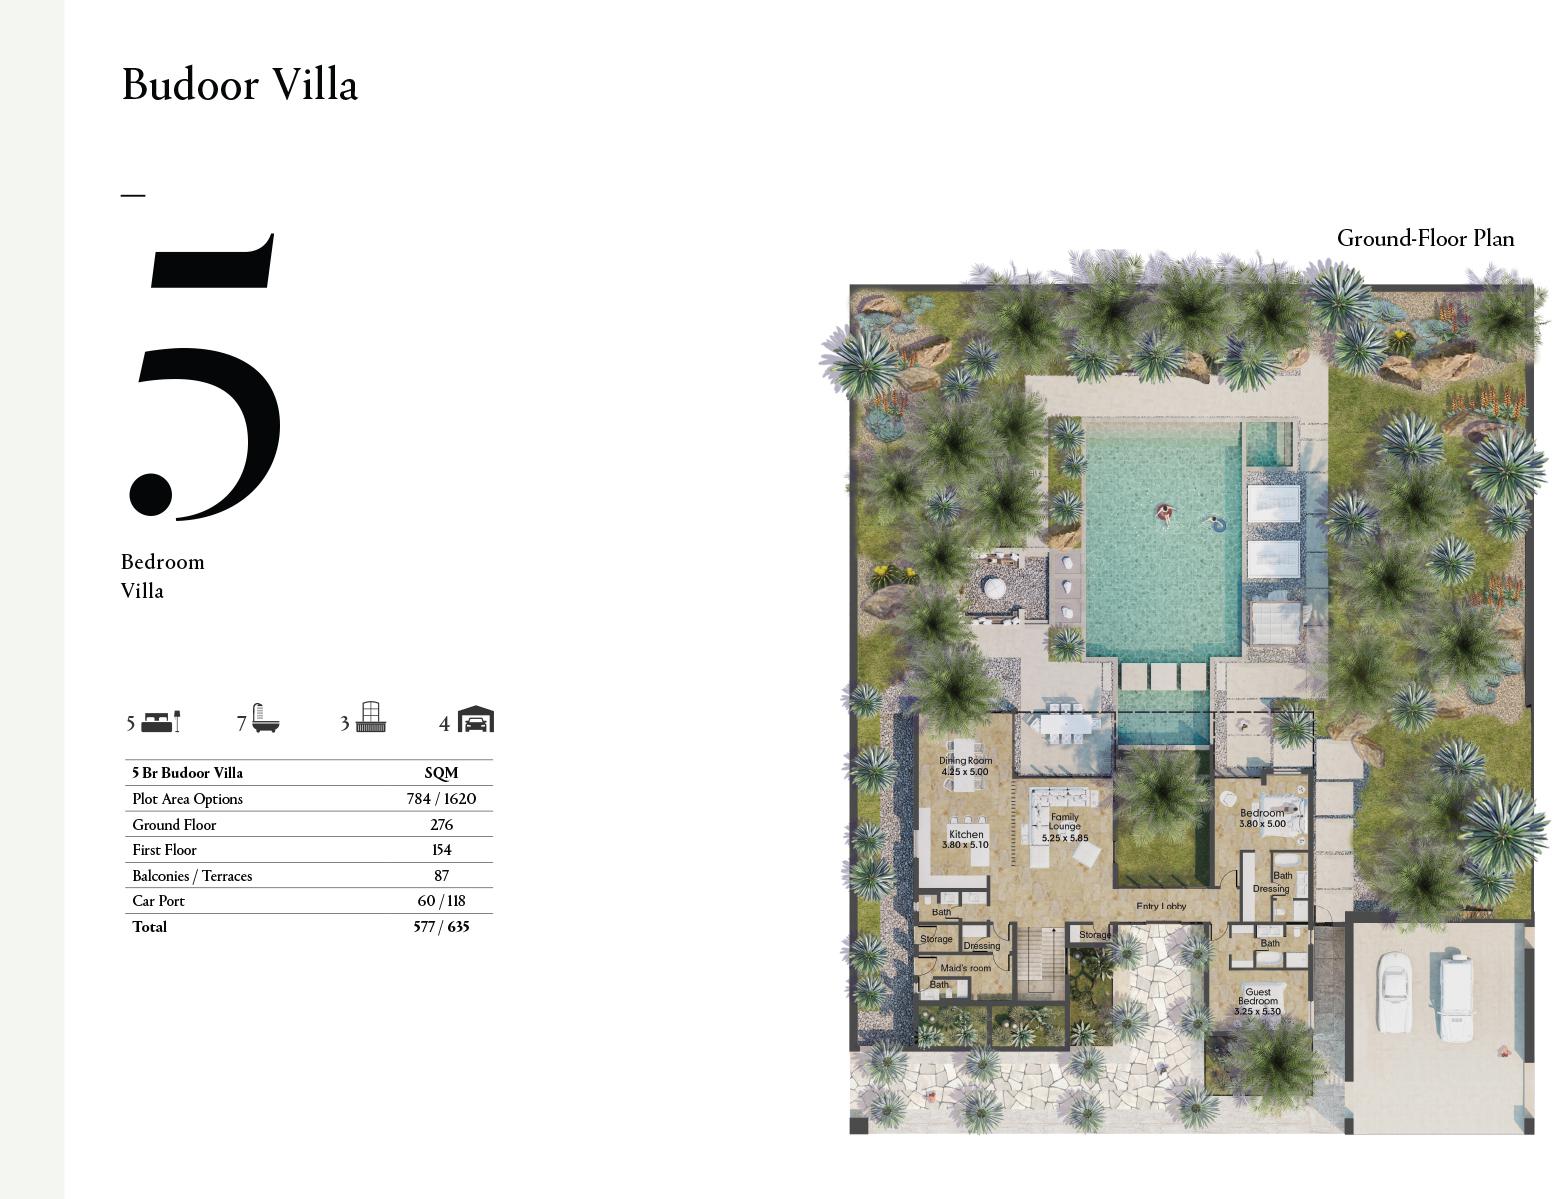 https://drehomes.com/wp-content/uploads/5-Bedroom-Villa-Ground-Floor-635Sqm.jpg